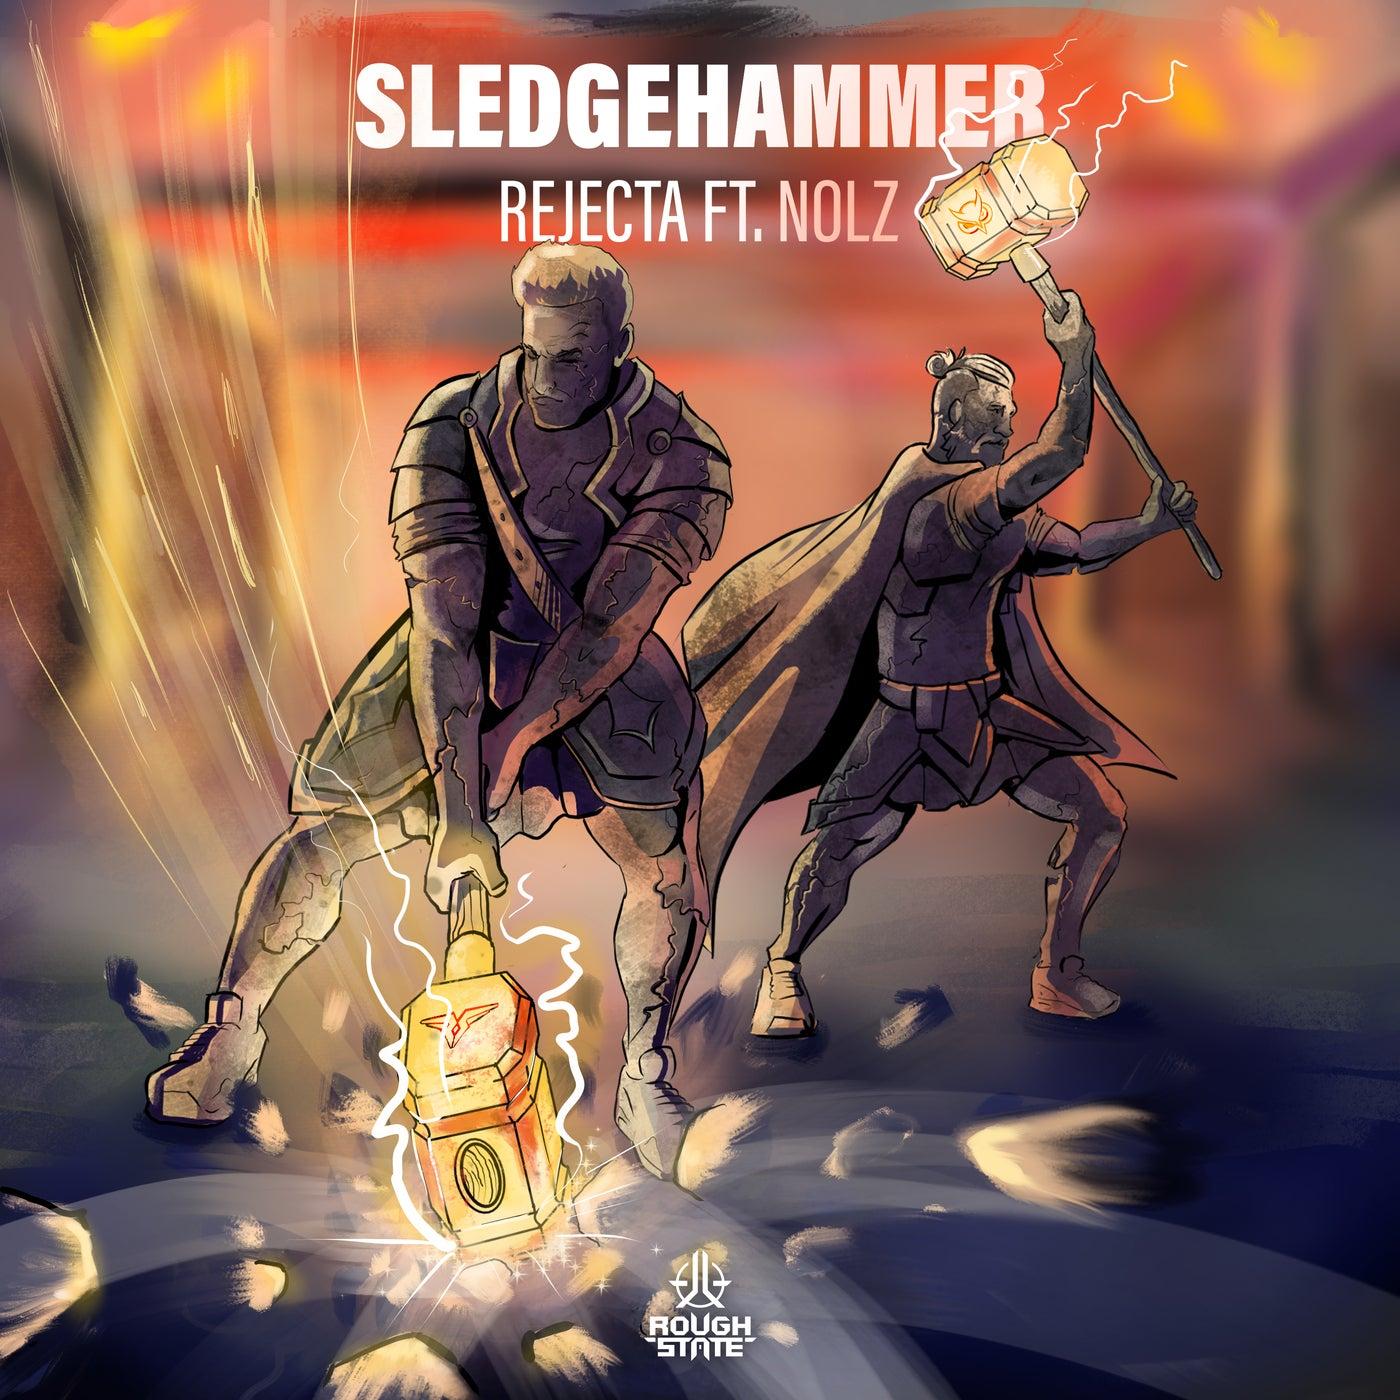 Sledgehammer (Extended Mix)